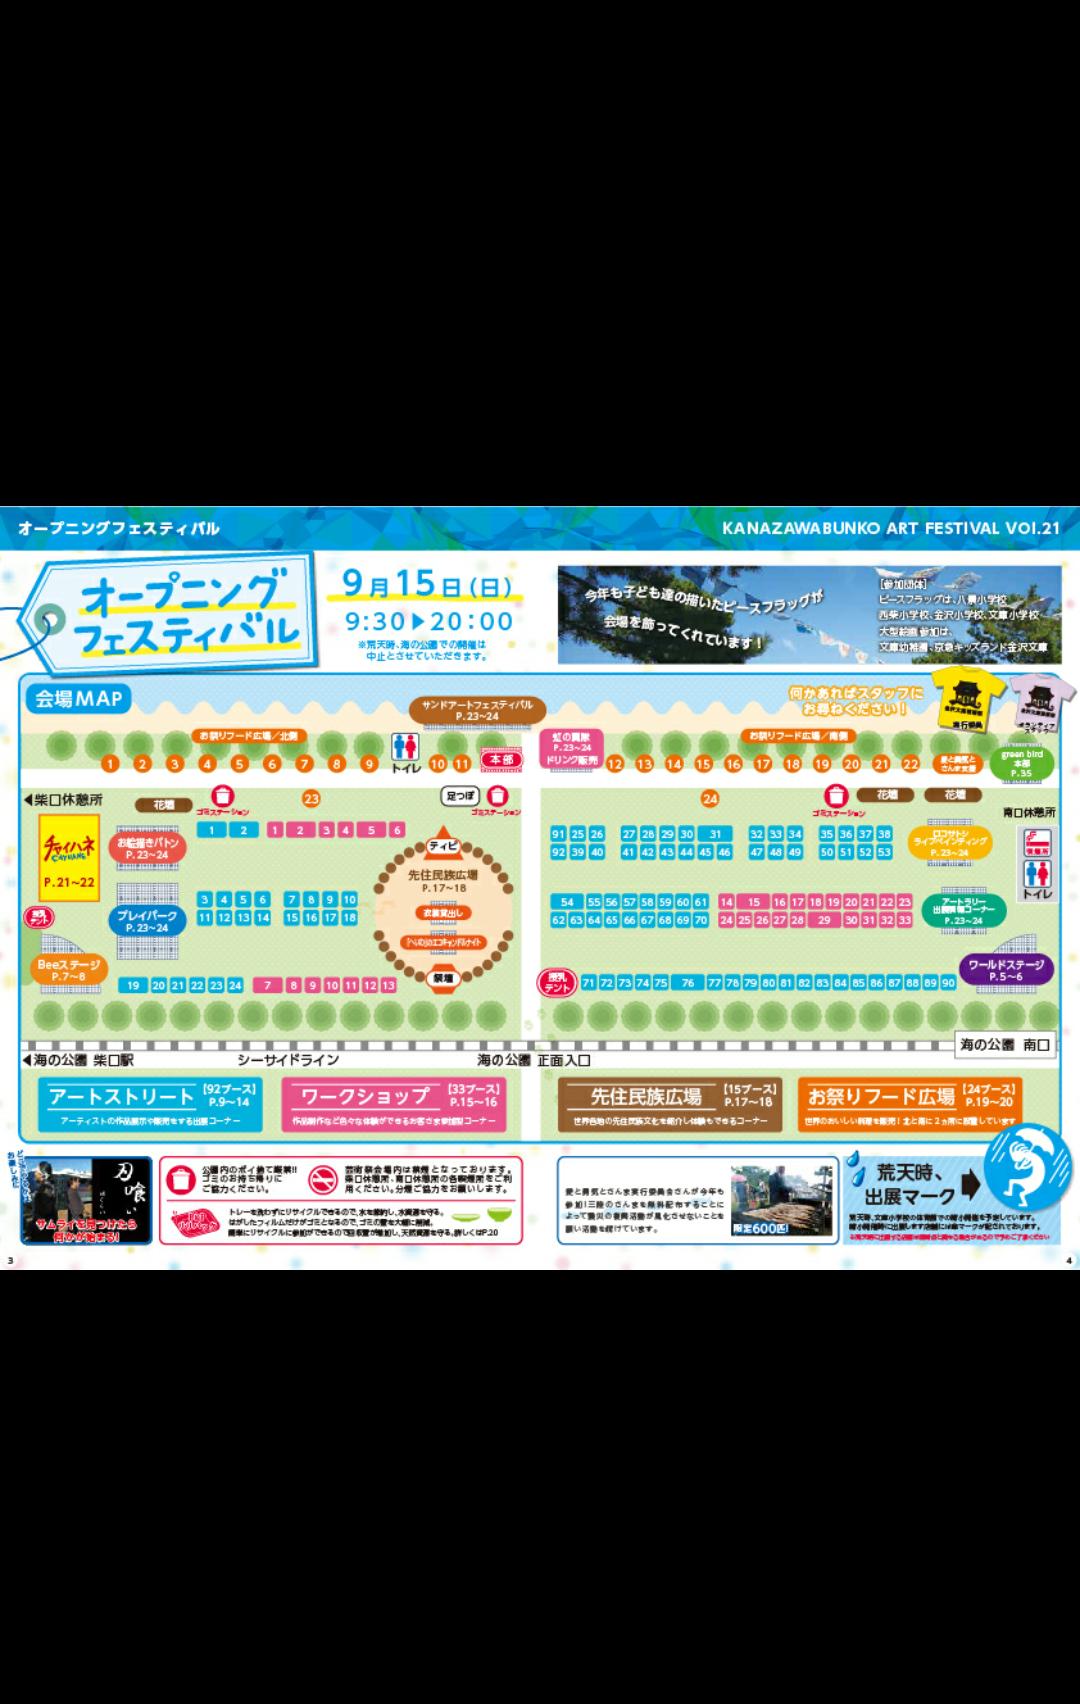 「金沢文庫芸術祭」オープニングフェスティバルのブースが決まりました♪